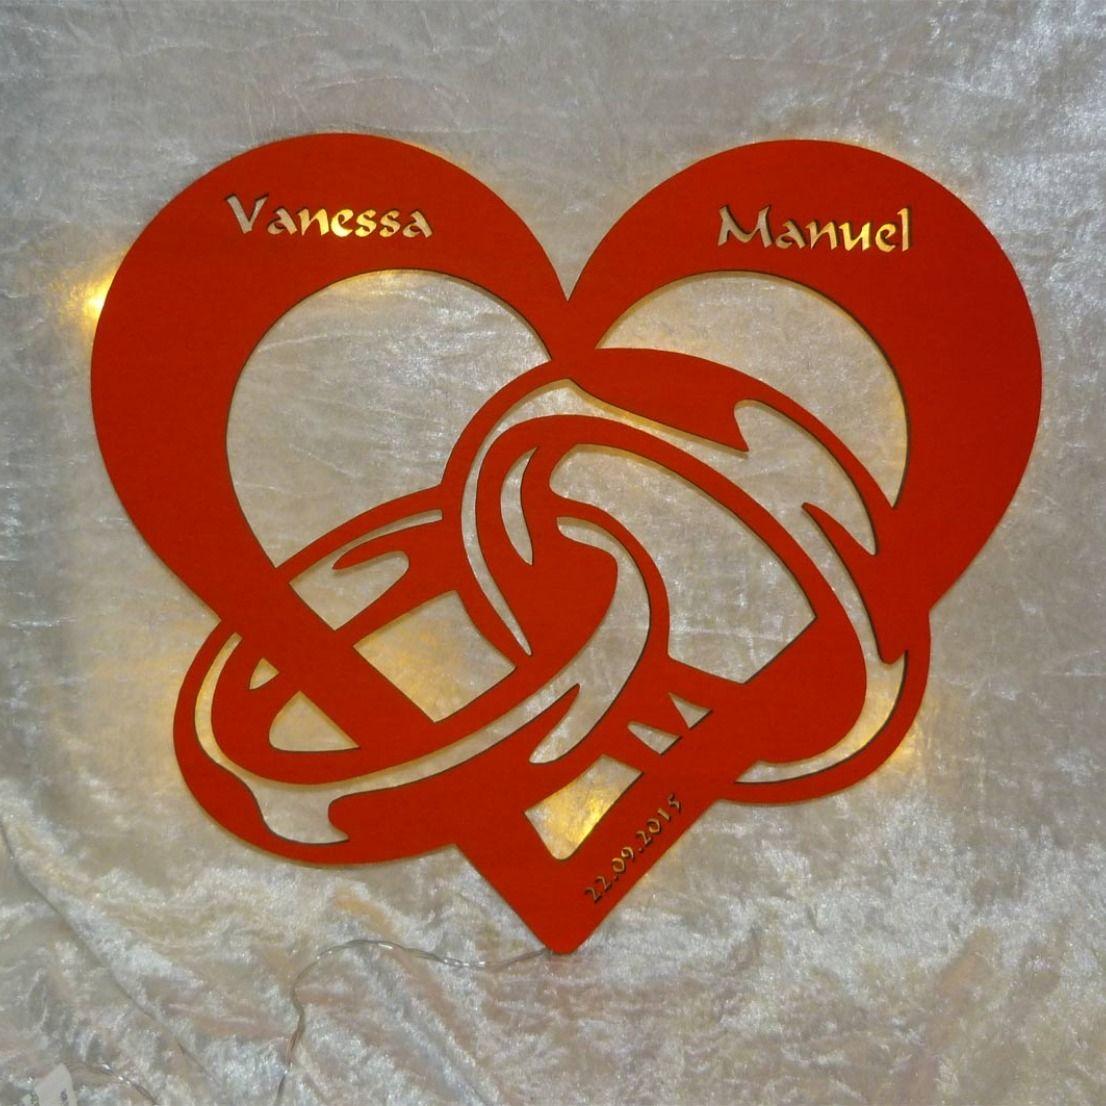 Holzleuchte Herz Mit Ringen Und Namen Geschenk Fur Partner Valentinstag Geschenk Mann Valentinstag Uberraschung